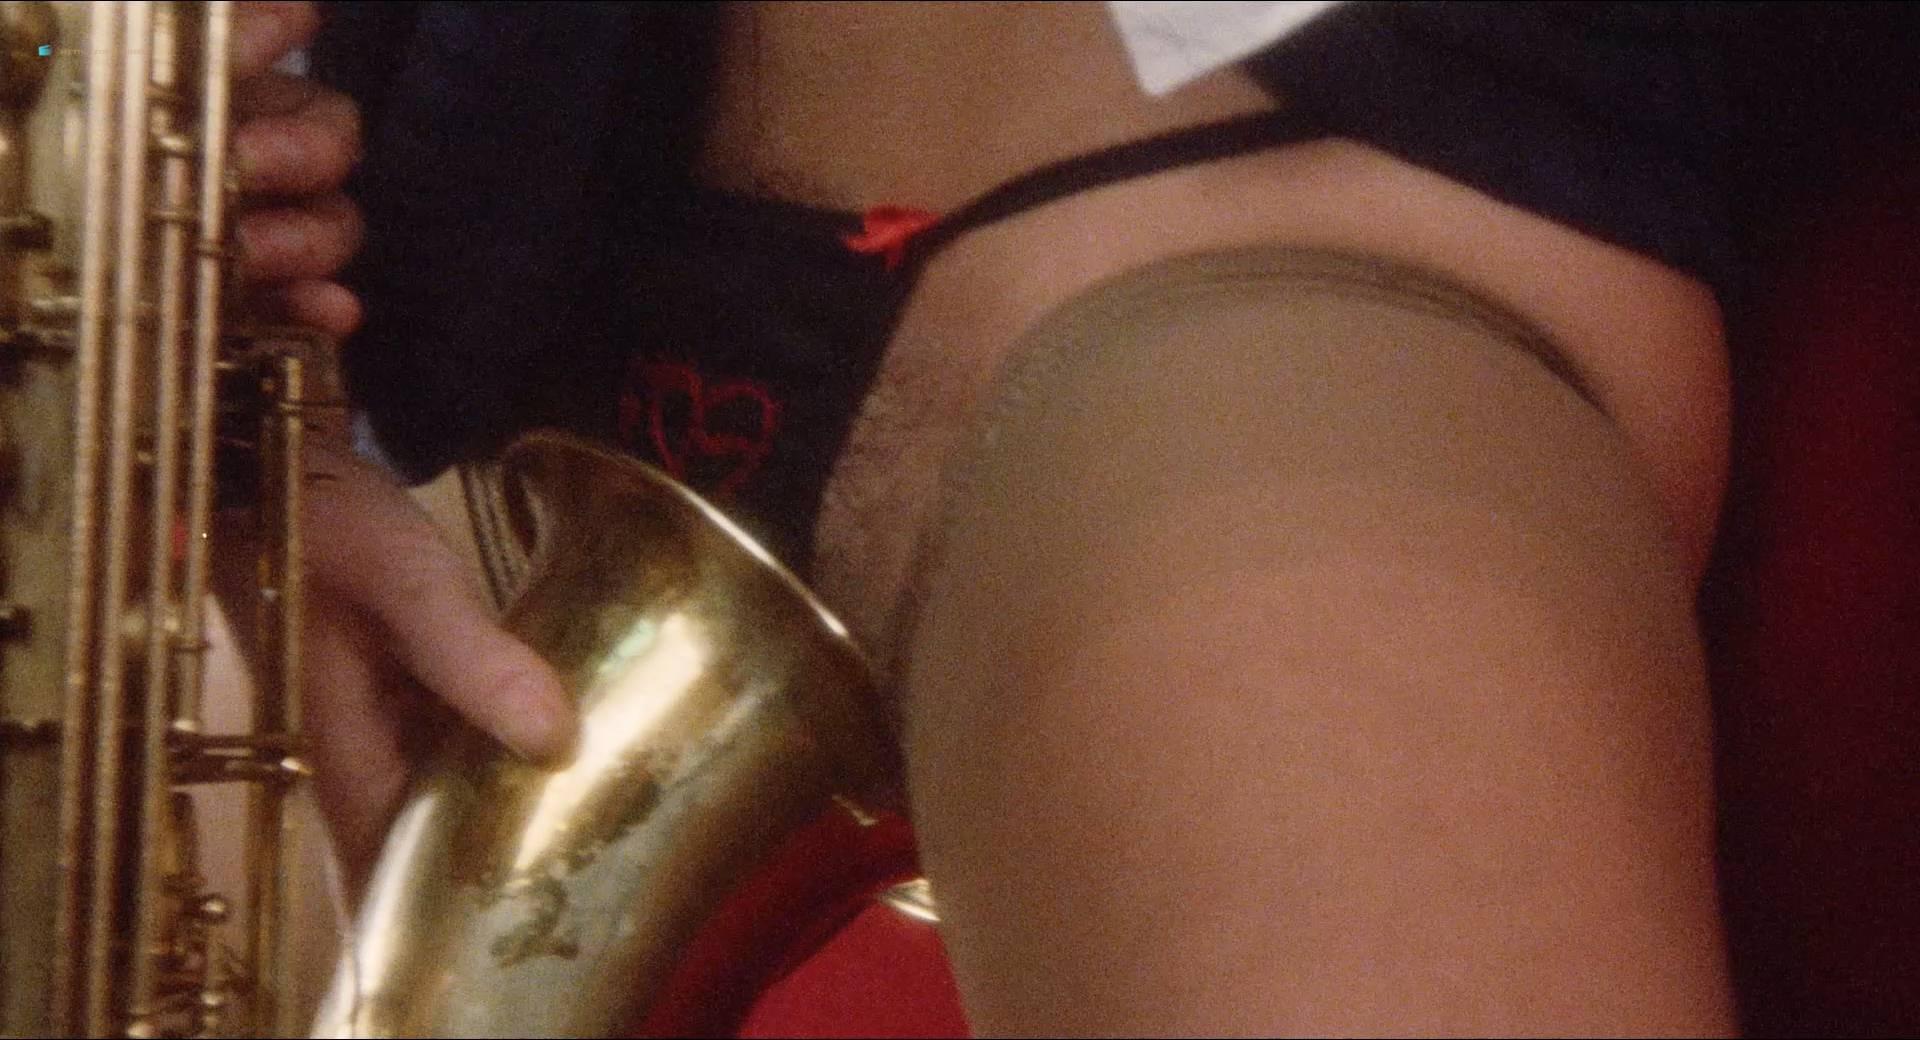 Blanca Marsillach nude full frontal Corinne Clery nude - Il miele del diavolo (IT-1986) HD 1080p BluRay (18)